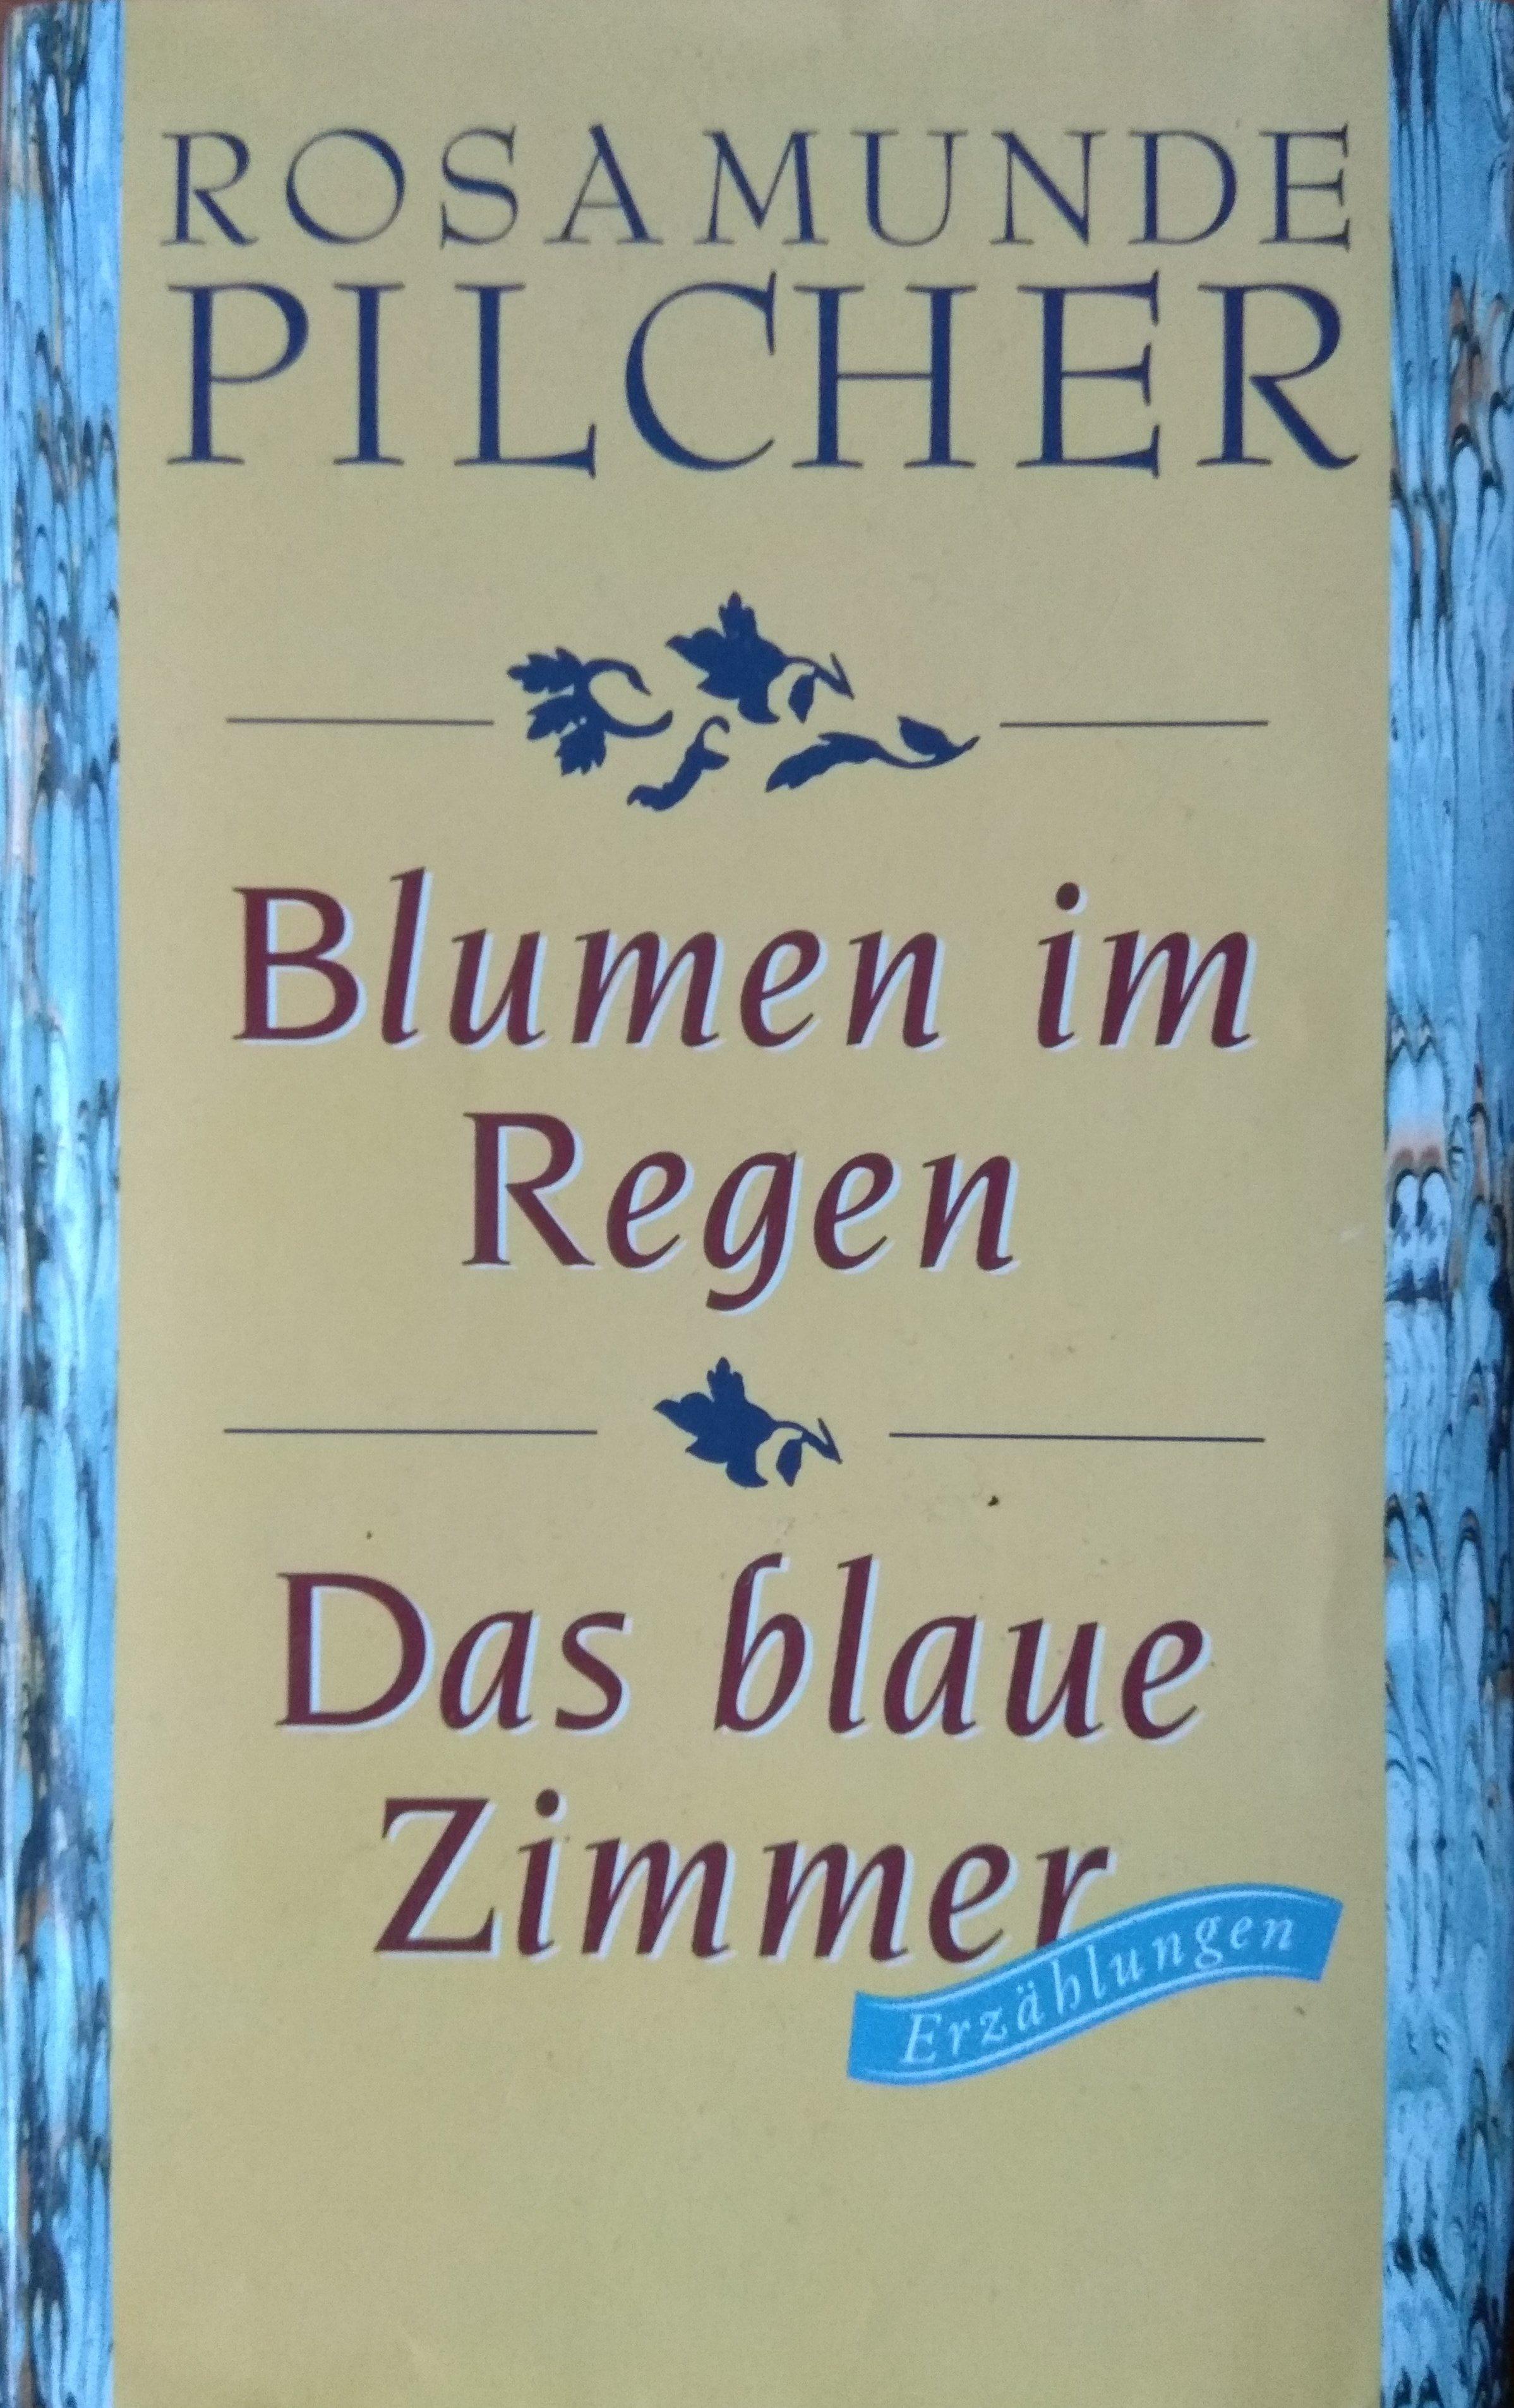 Rosamunde Pilcher Blumen im Regen Das blaue Zimmer 3000